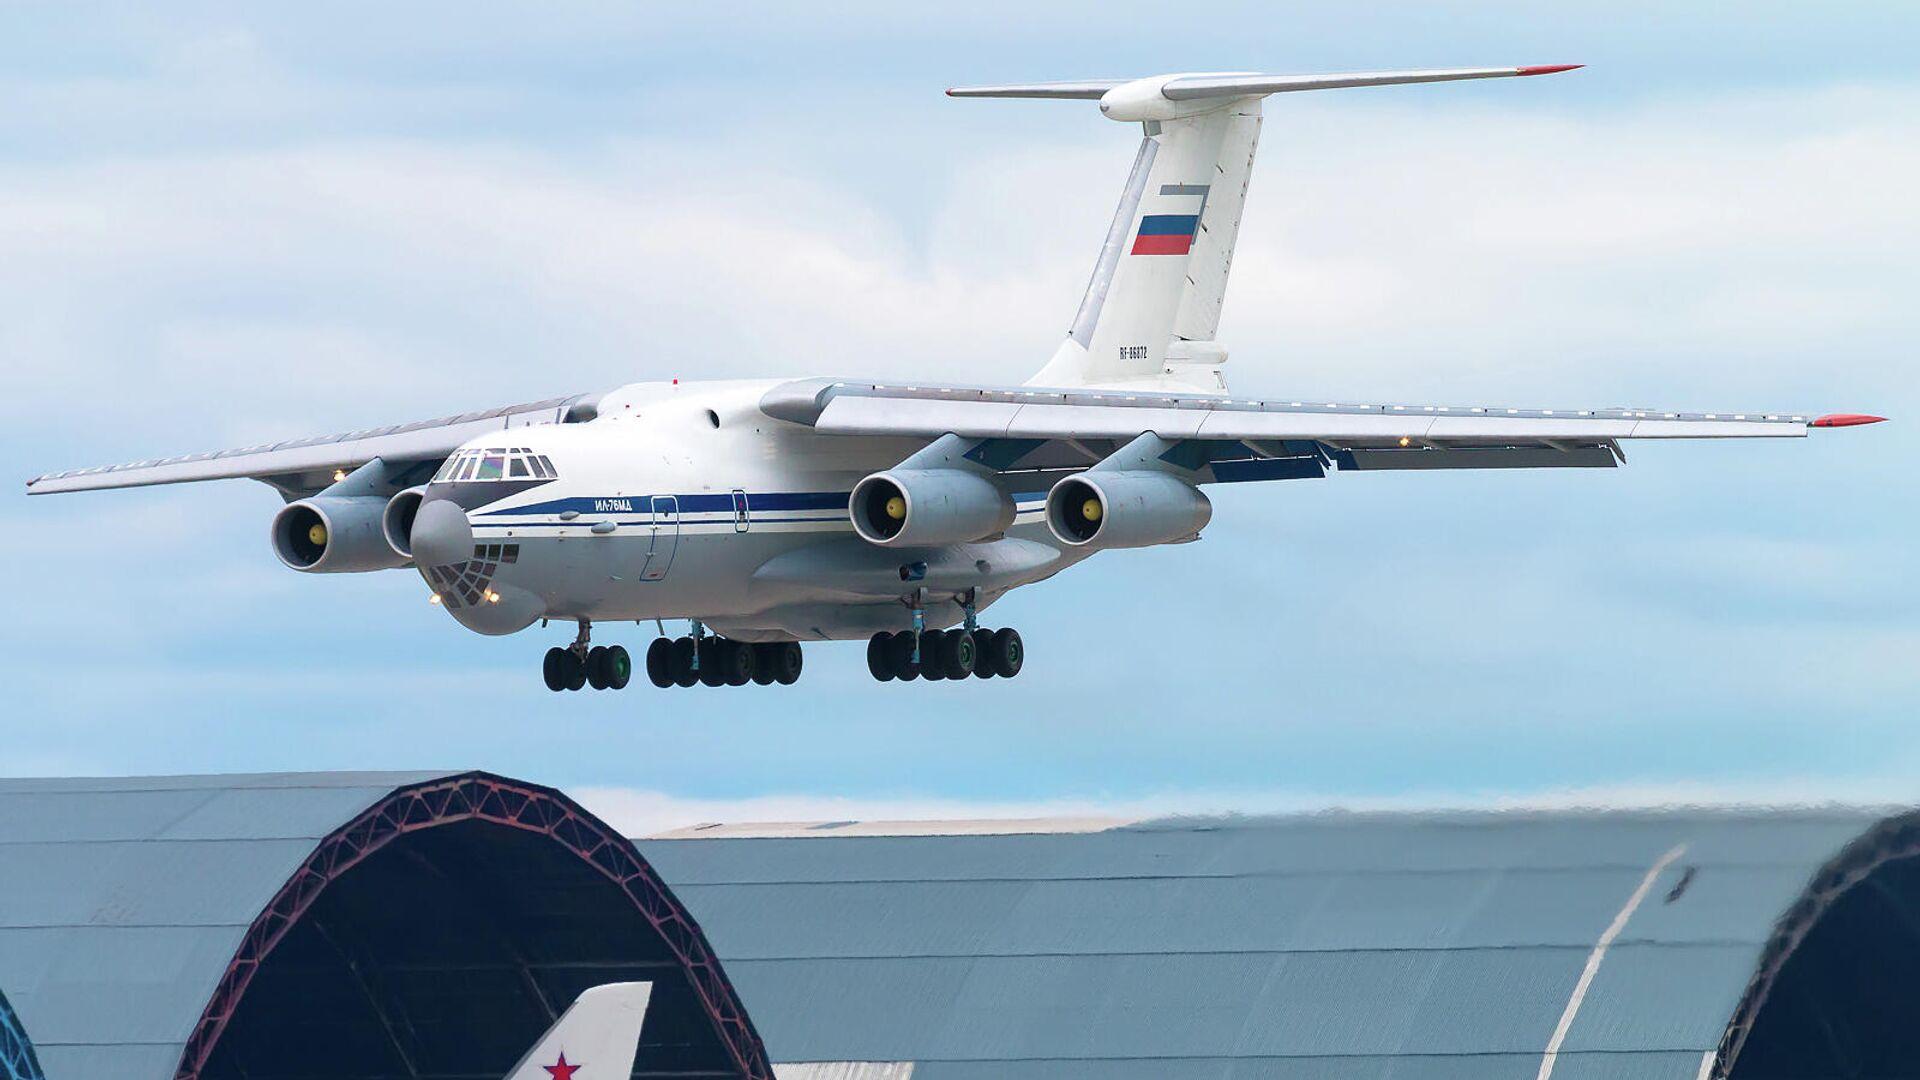 Самолет Ил-76 вылетает с аэродрома Ульяновск-Восточный - РИА Новости, 1920, 22.04.2021